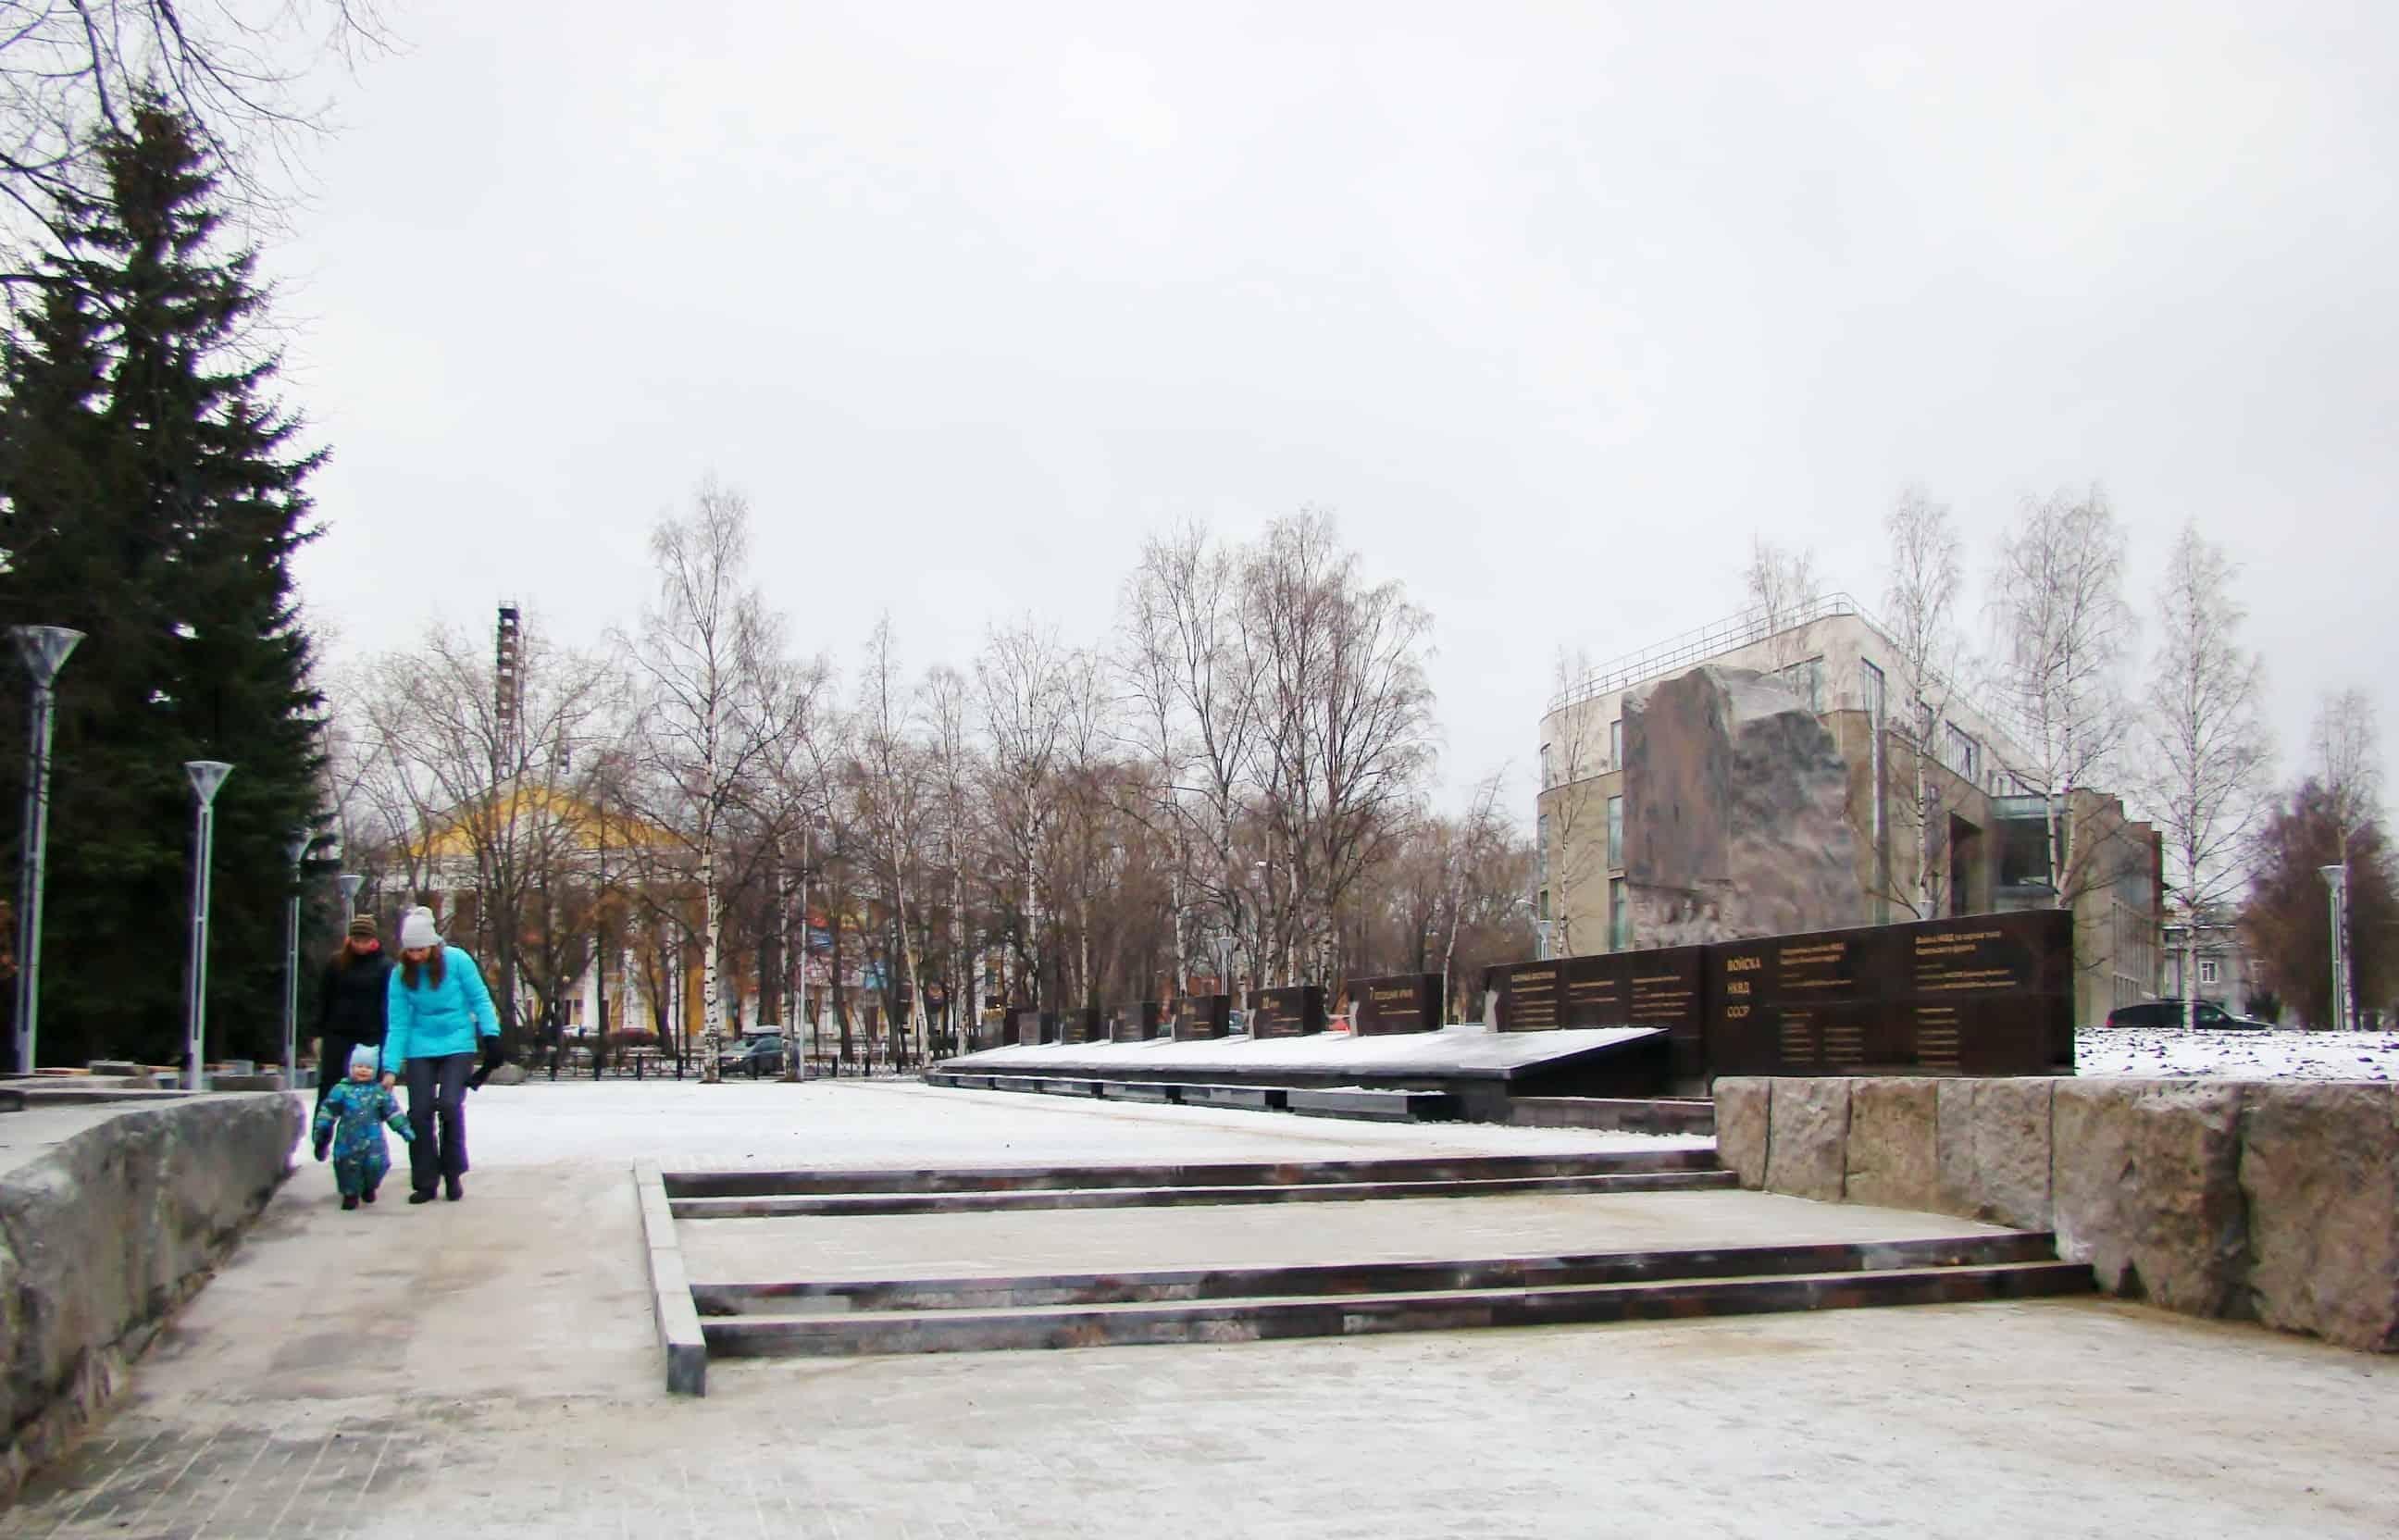 Даже самые маленькие горожане уже оценили мощёную площадку перед мемориалом, скамейки и удобный пандус. Всё продумано!